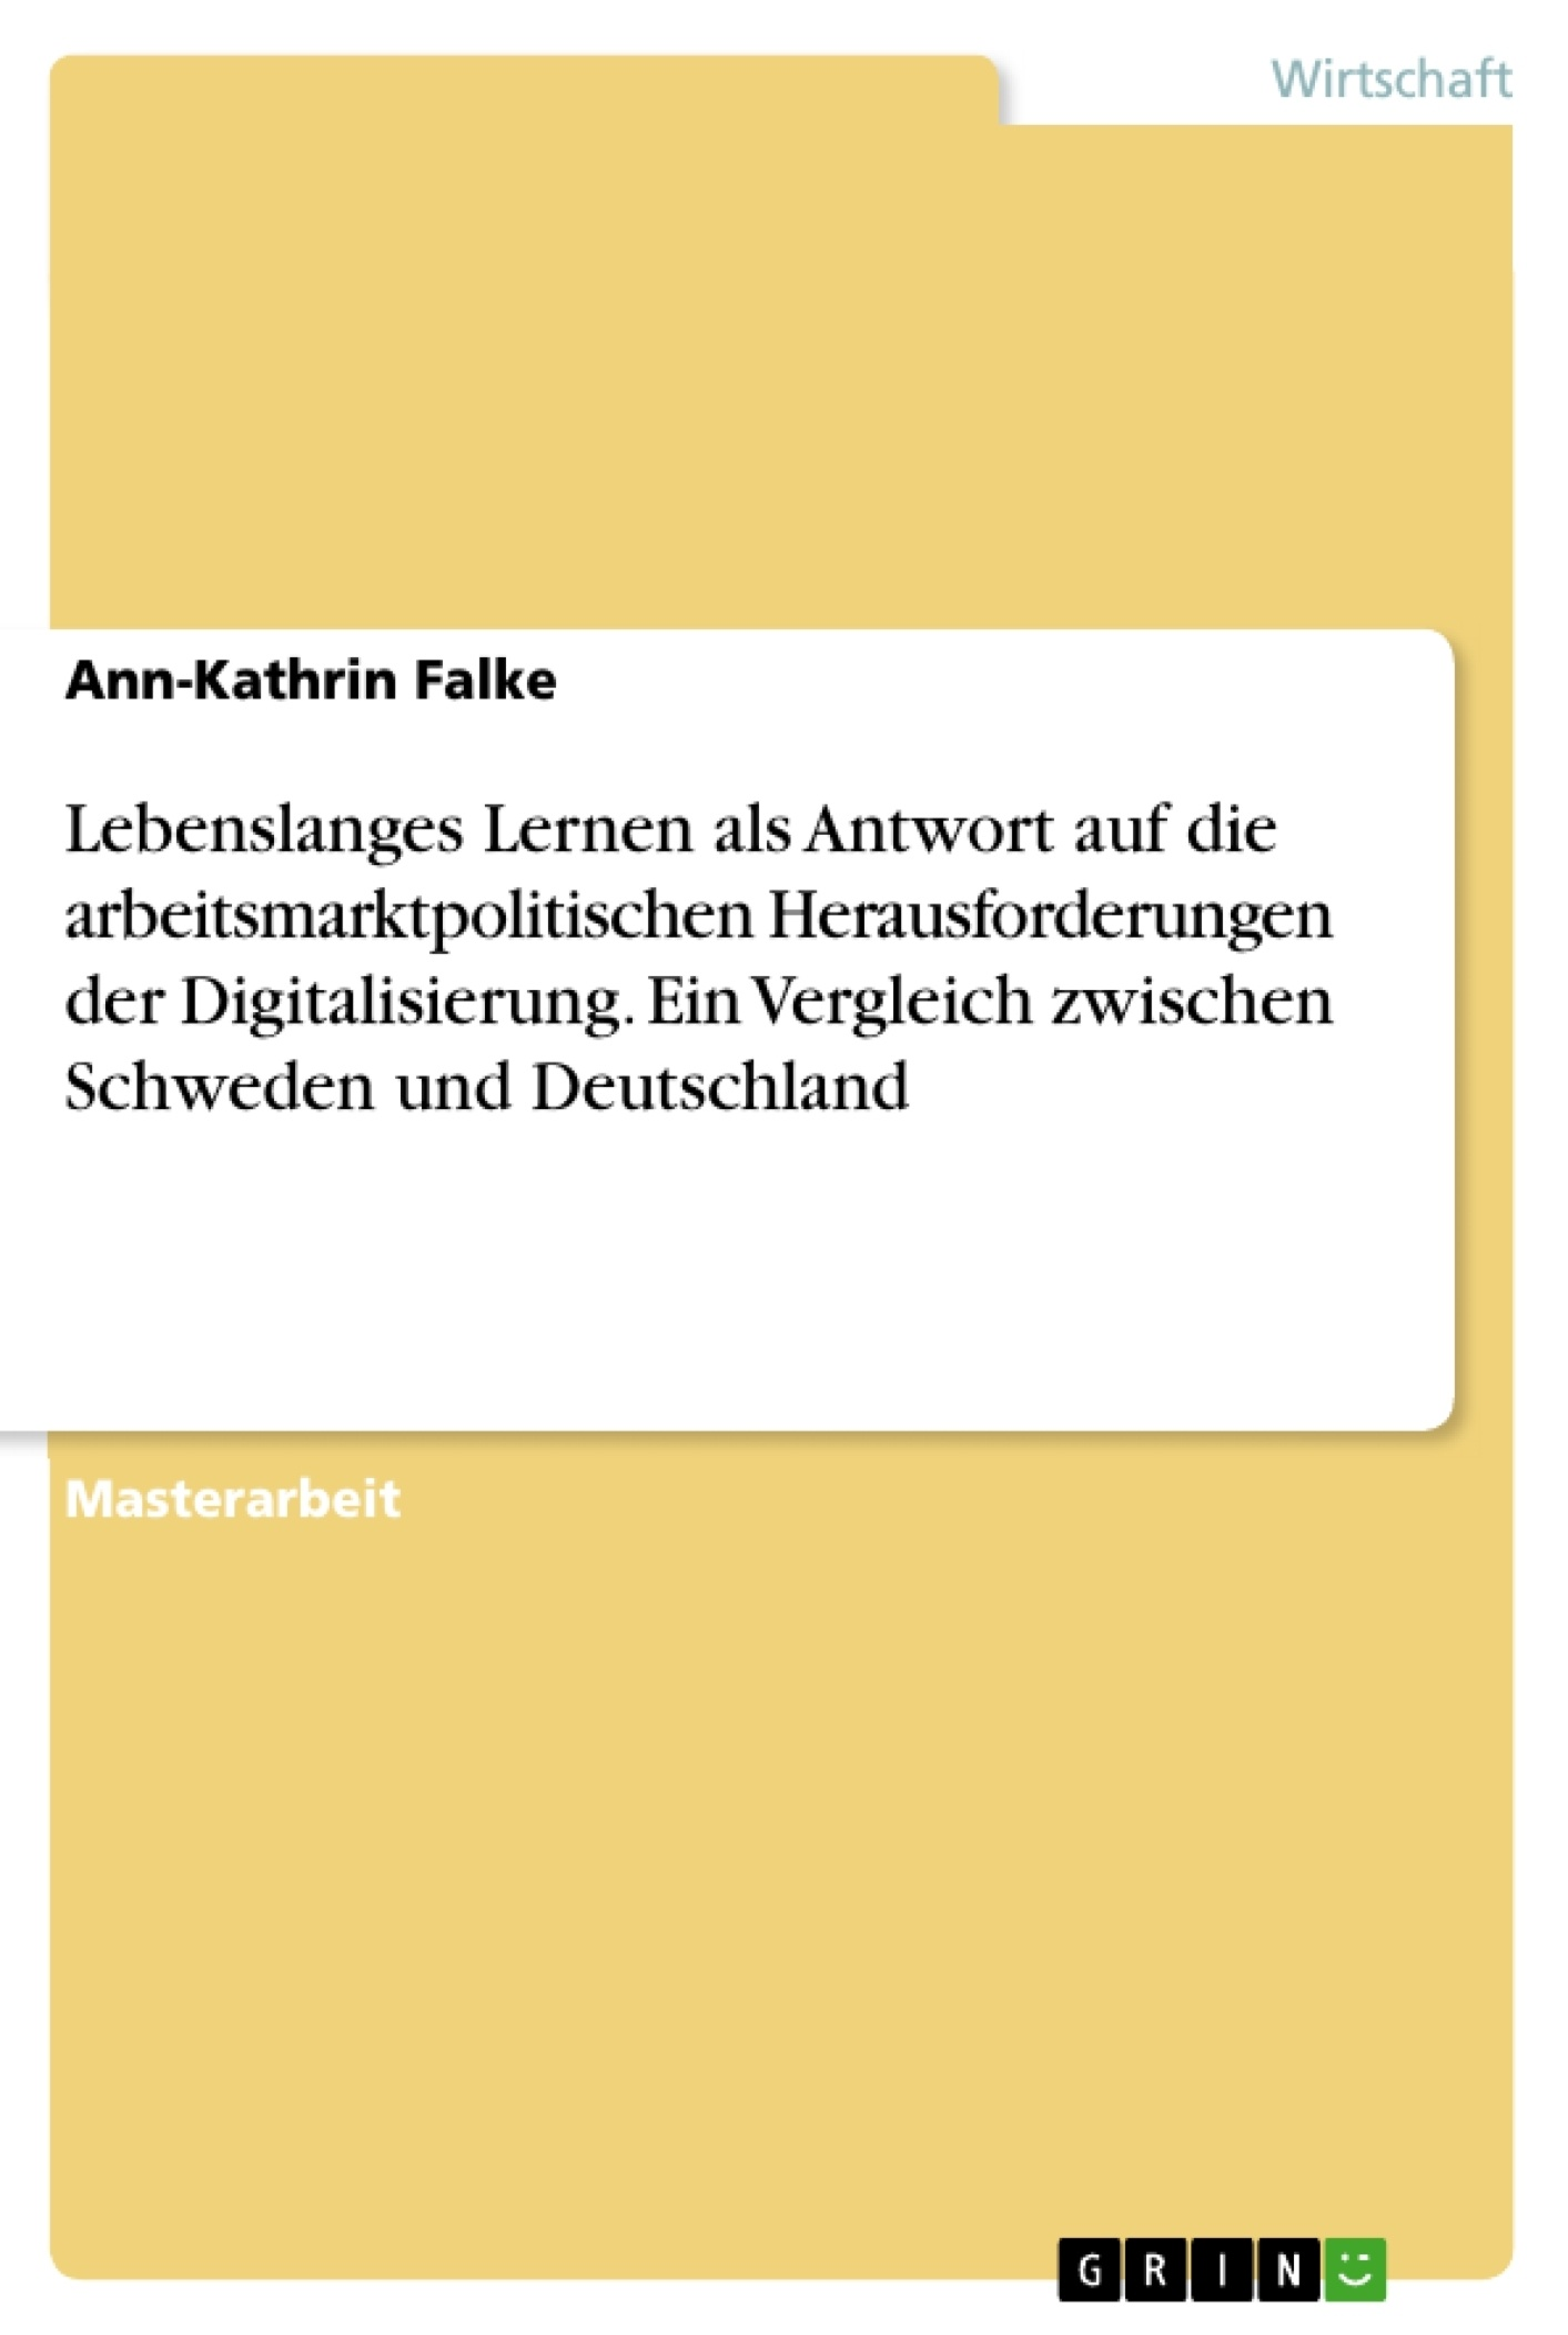 Titel: Lebenslanges Lernen als Antwort auf die arbeitsmarktpolitischen Herausforderungen der Digitalisierung. Ein Vergleich zwischen Schweden und Deutschland